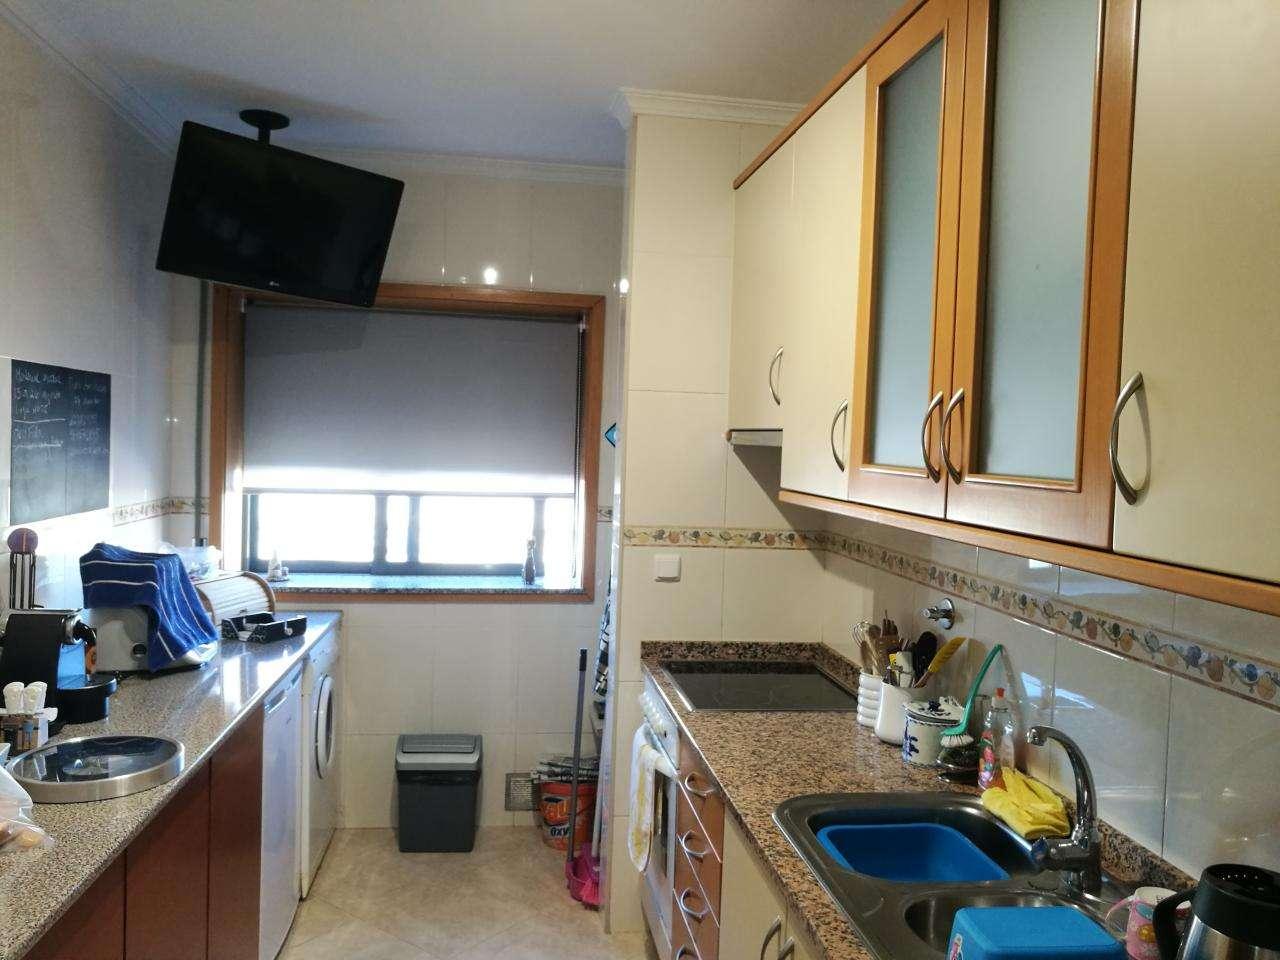 Apartamento para comprar, Vilar de Andorinho, Vila Nova de Gaia, Porto - Foto 6